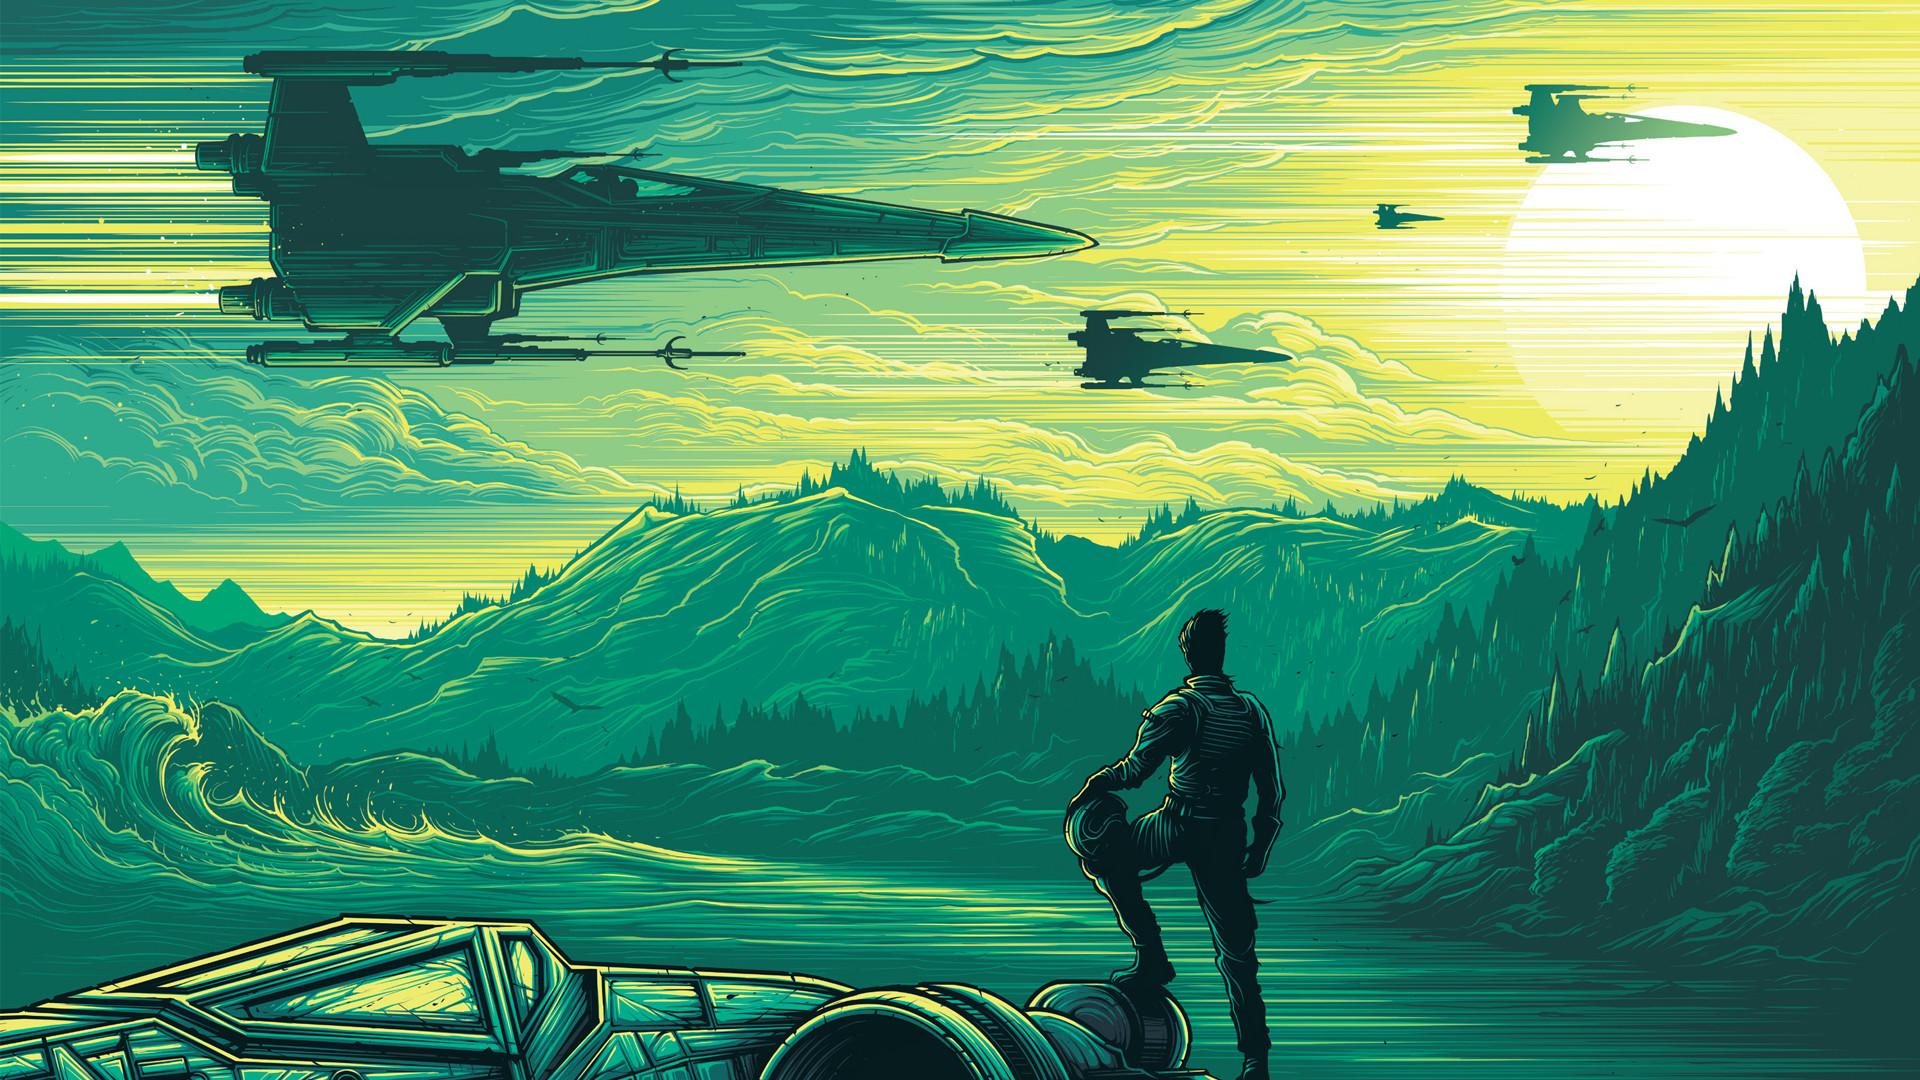 General Star Wars Star Wars: The Force Awakens Dan Mumford